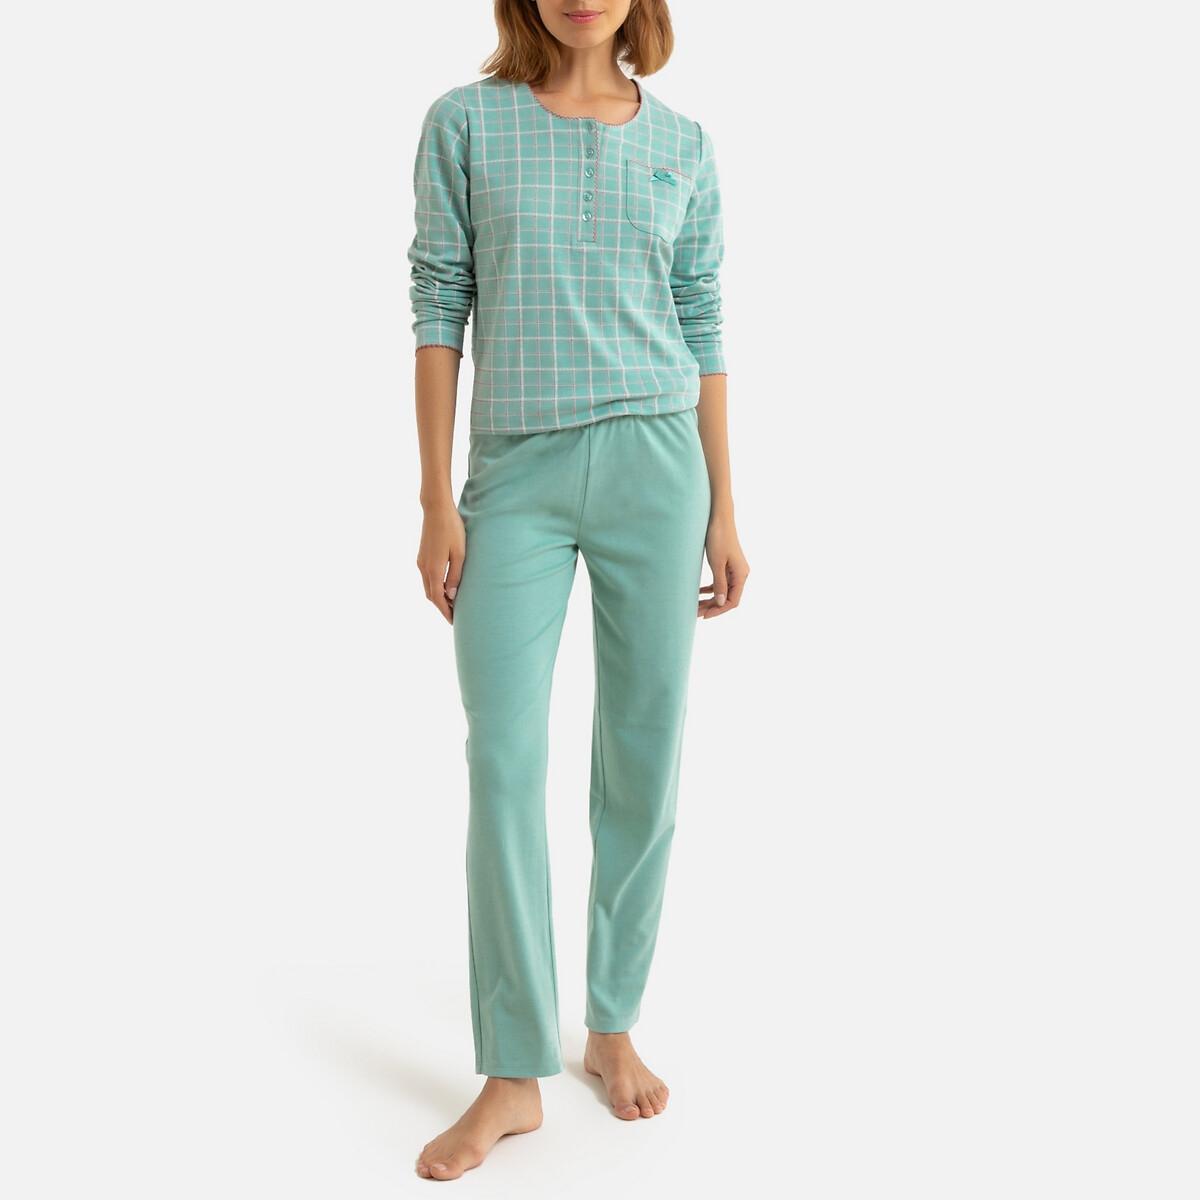 Пижама LaRedoute La Redoute 50/52 (FR) - 56/58 (RUS) зеленый пижама la redoute с шортами 54 56 fr 60 62 rus синий